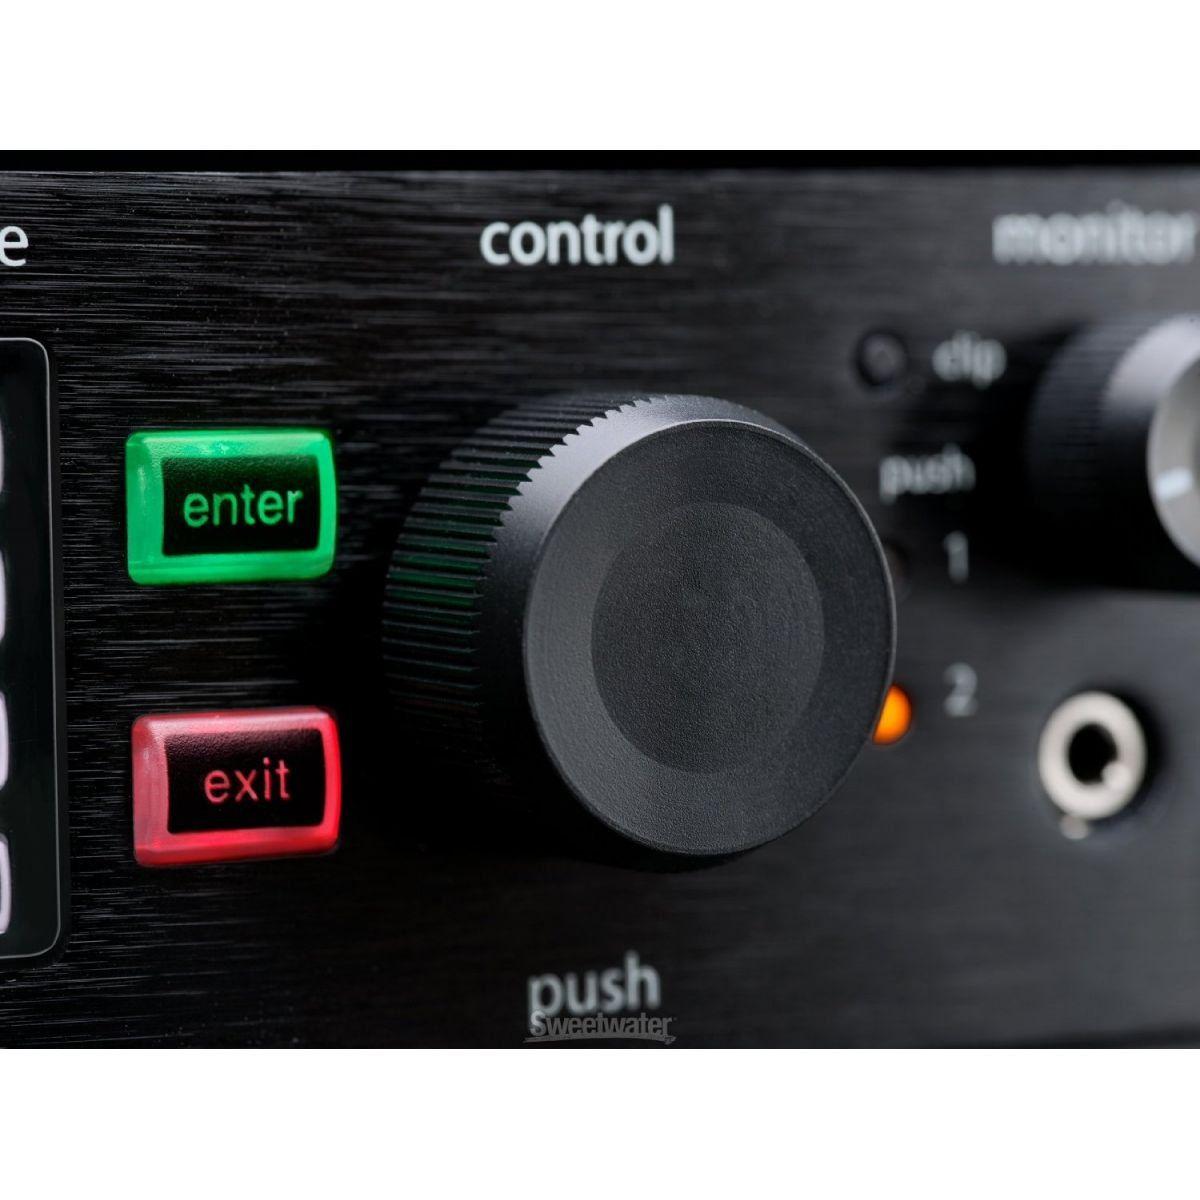 Shure PSM1000 P10T Transmissor Sem Fio para Shure PSM 1000 P10T